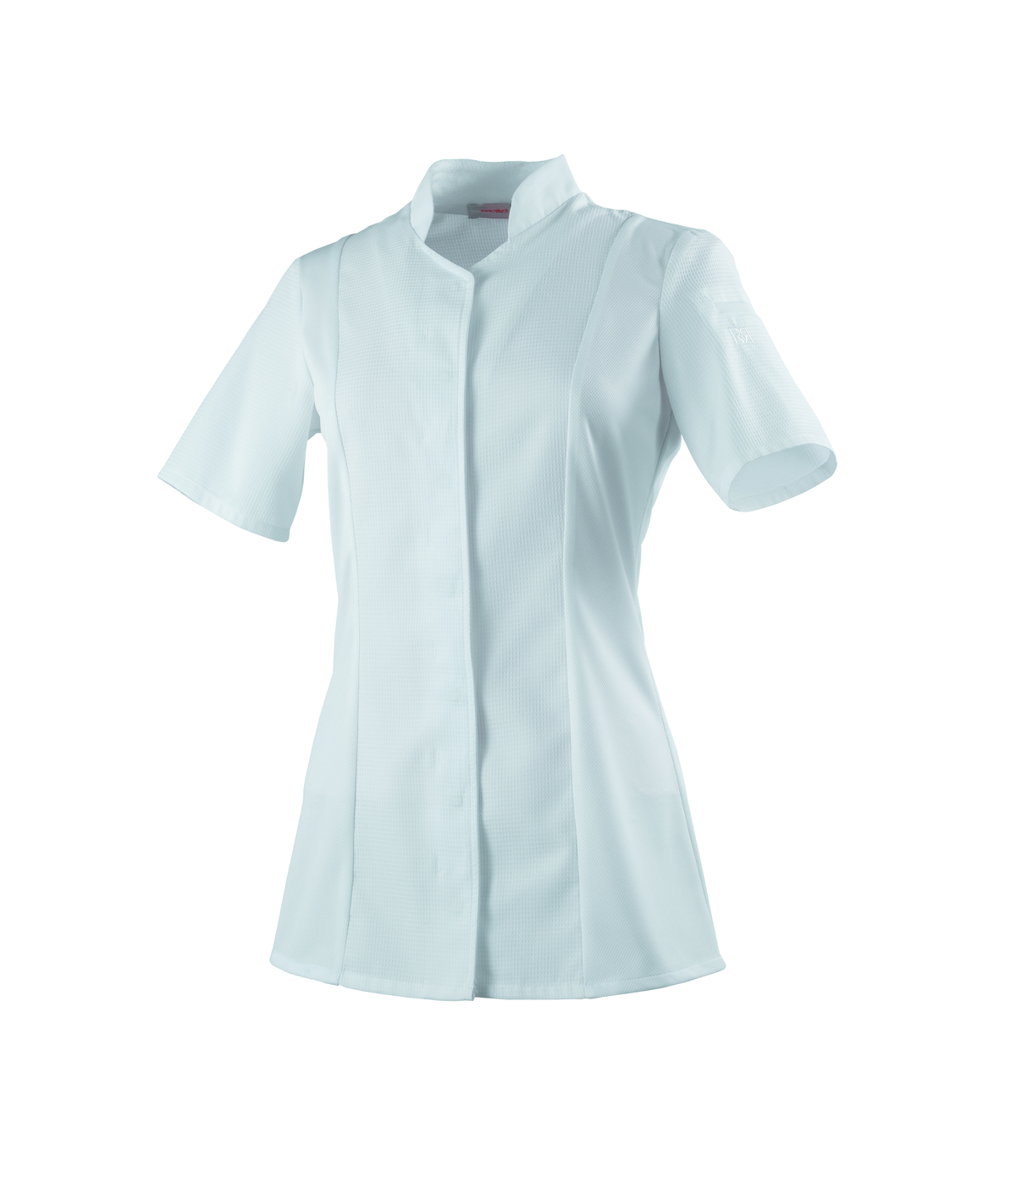 Veste femme manches courtes blanche taille 5 Abella Robur